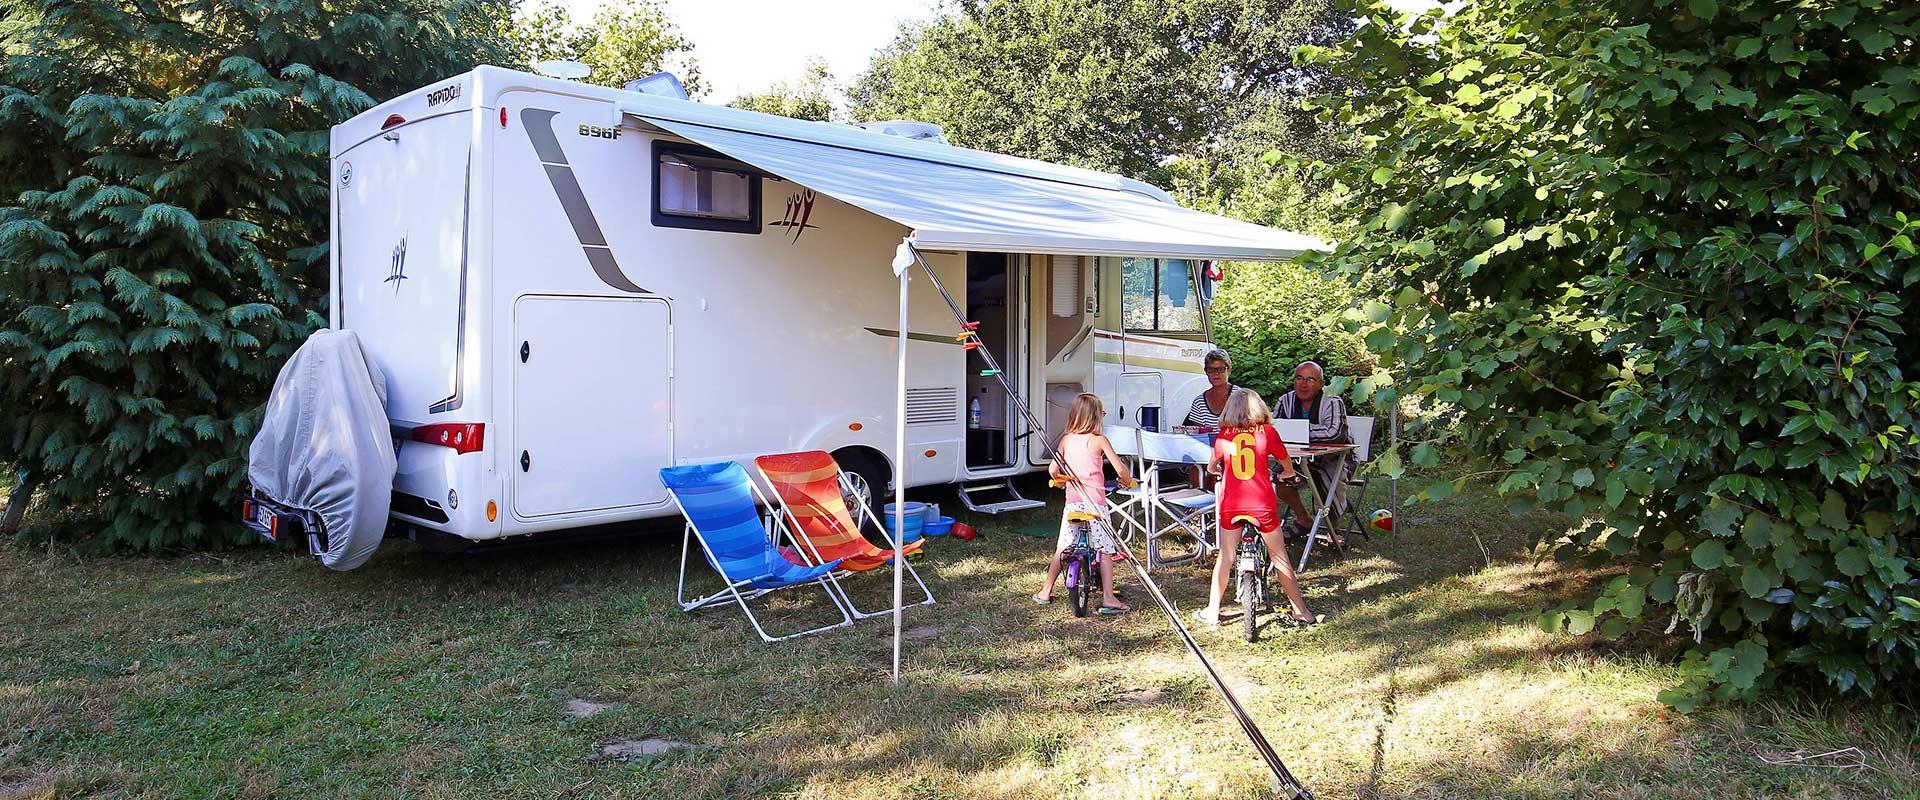 Camping Baie du Mont St. Michel mein-PLATZ